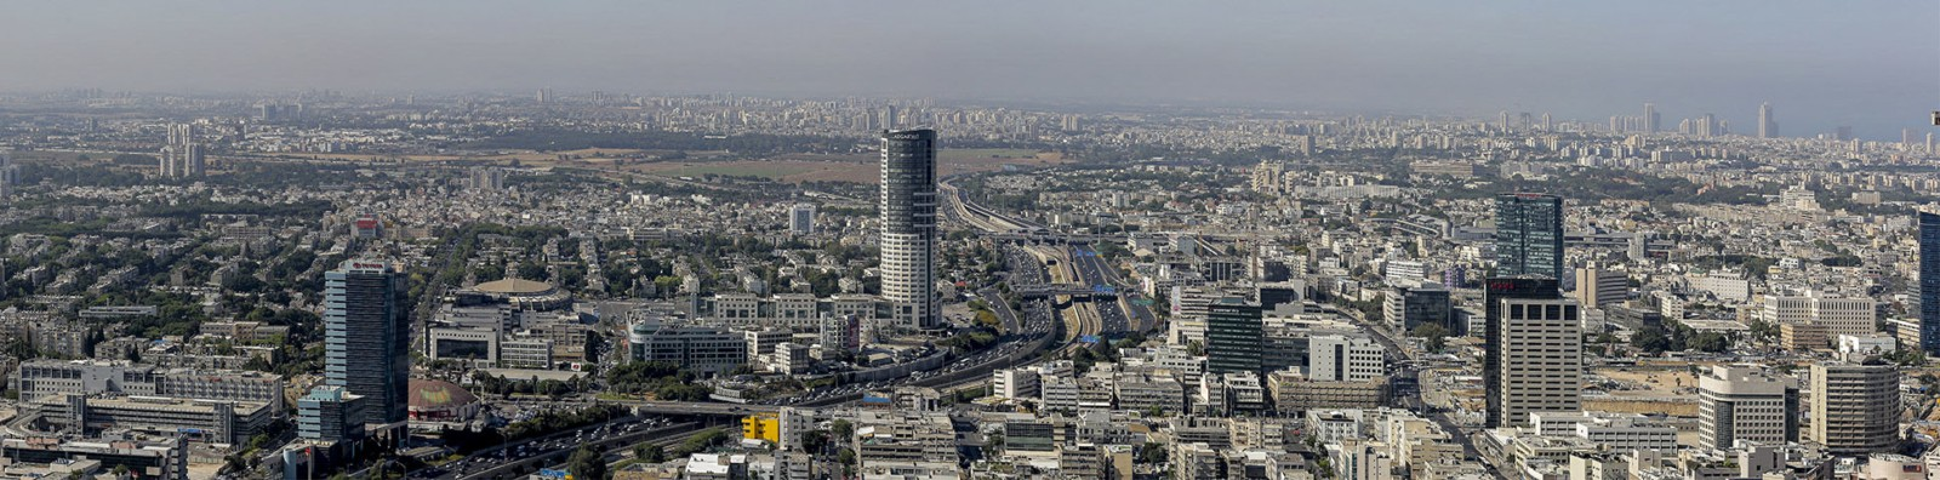 צילום פנורמי אווירי - תל אביב ממגדלי עזריאלי